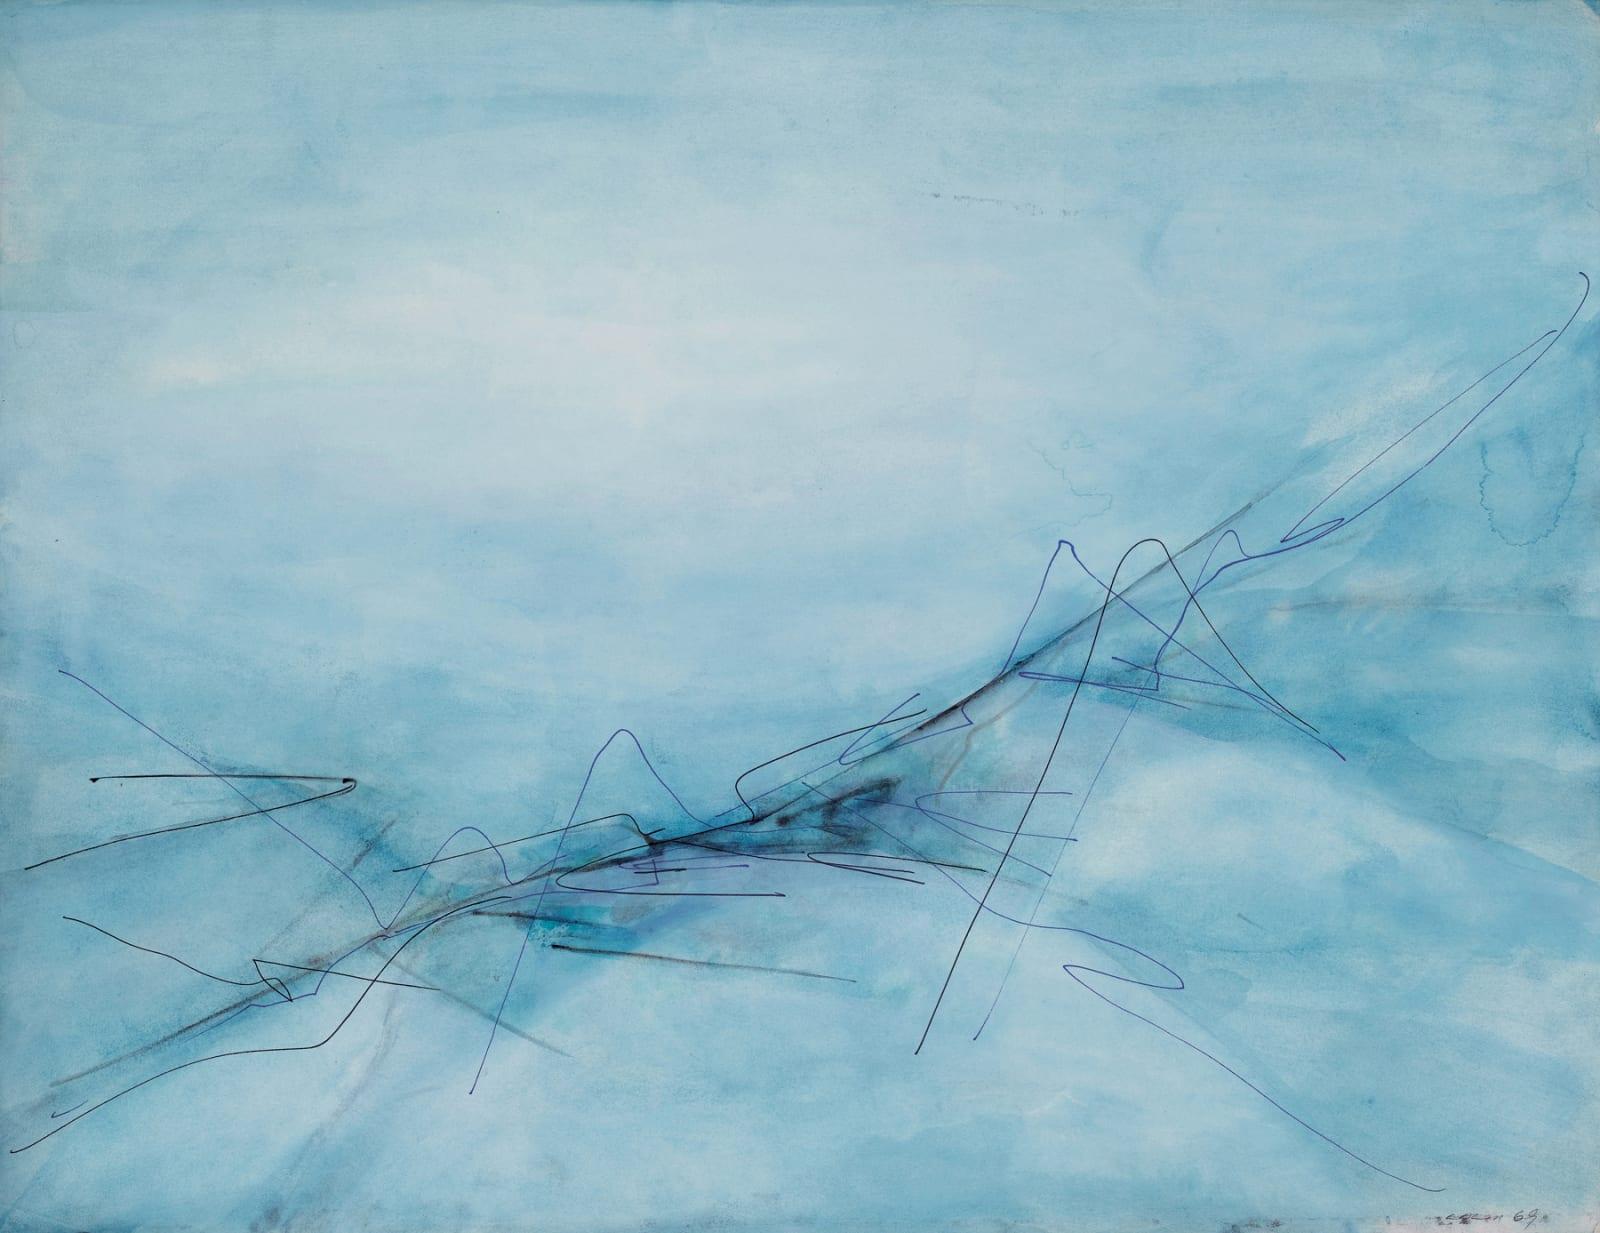 Lalan 謝景蘭, Untitled《無題》, 1969